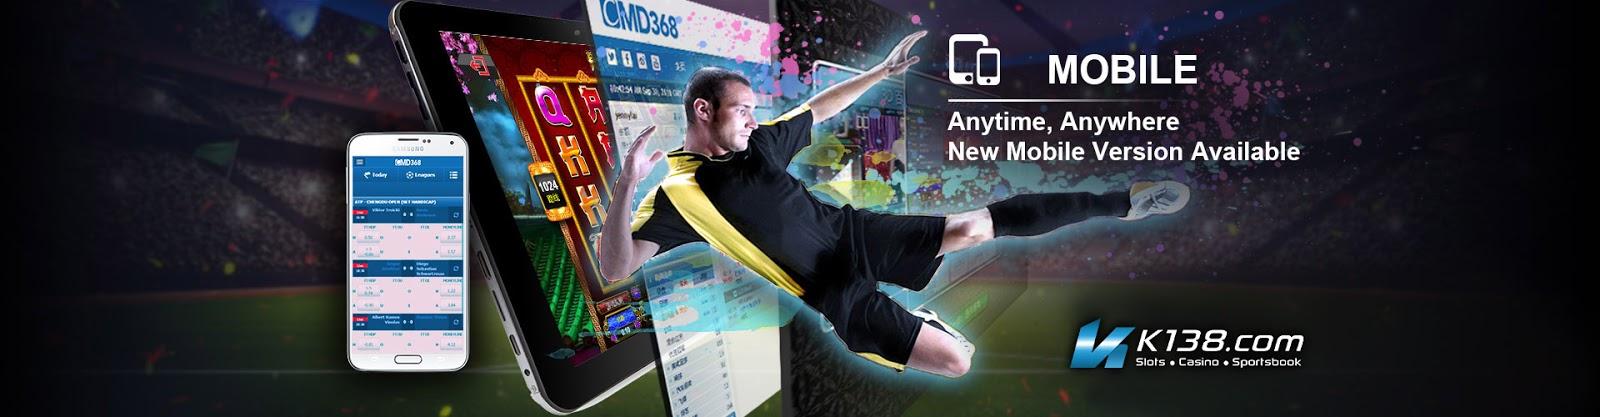 Sportsbook CMD368